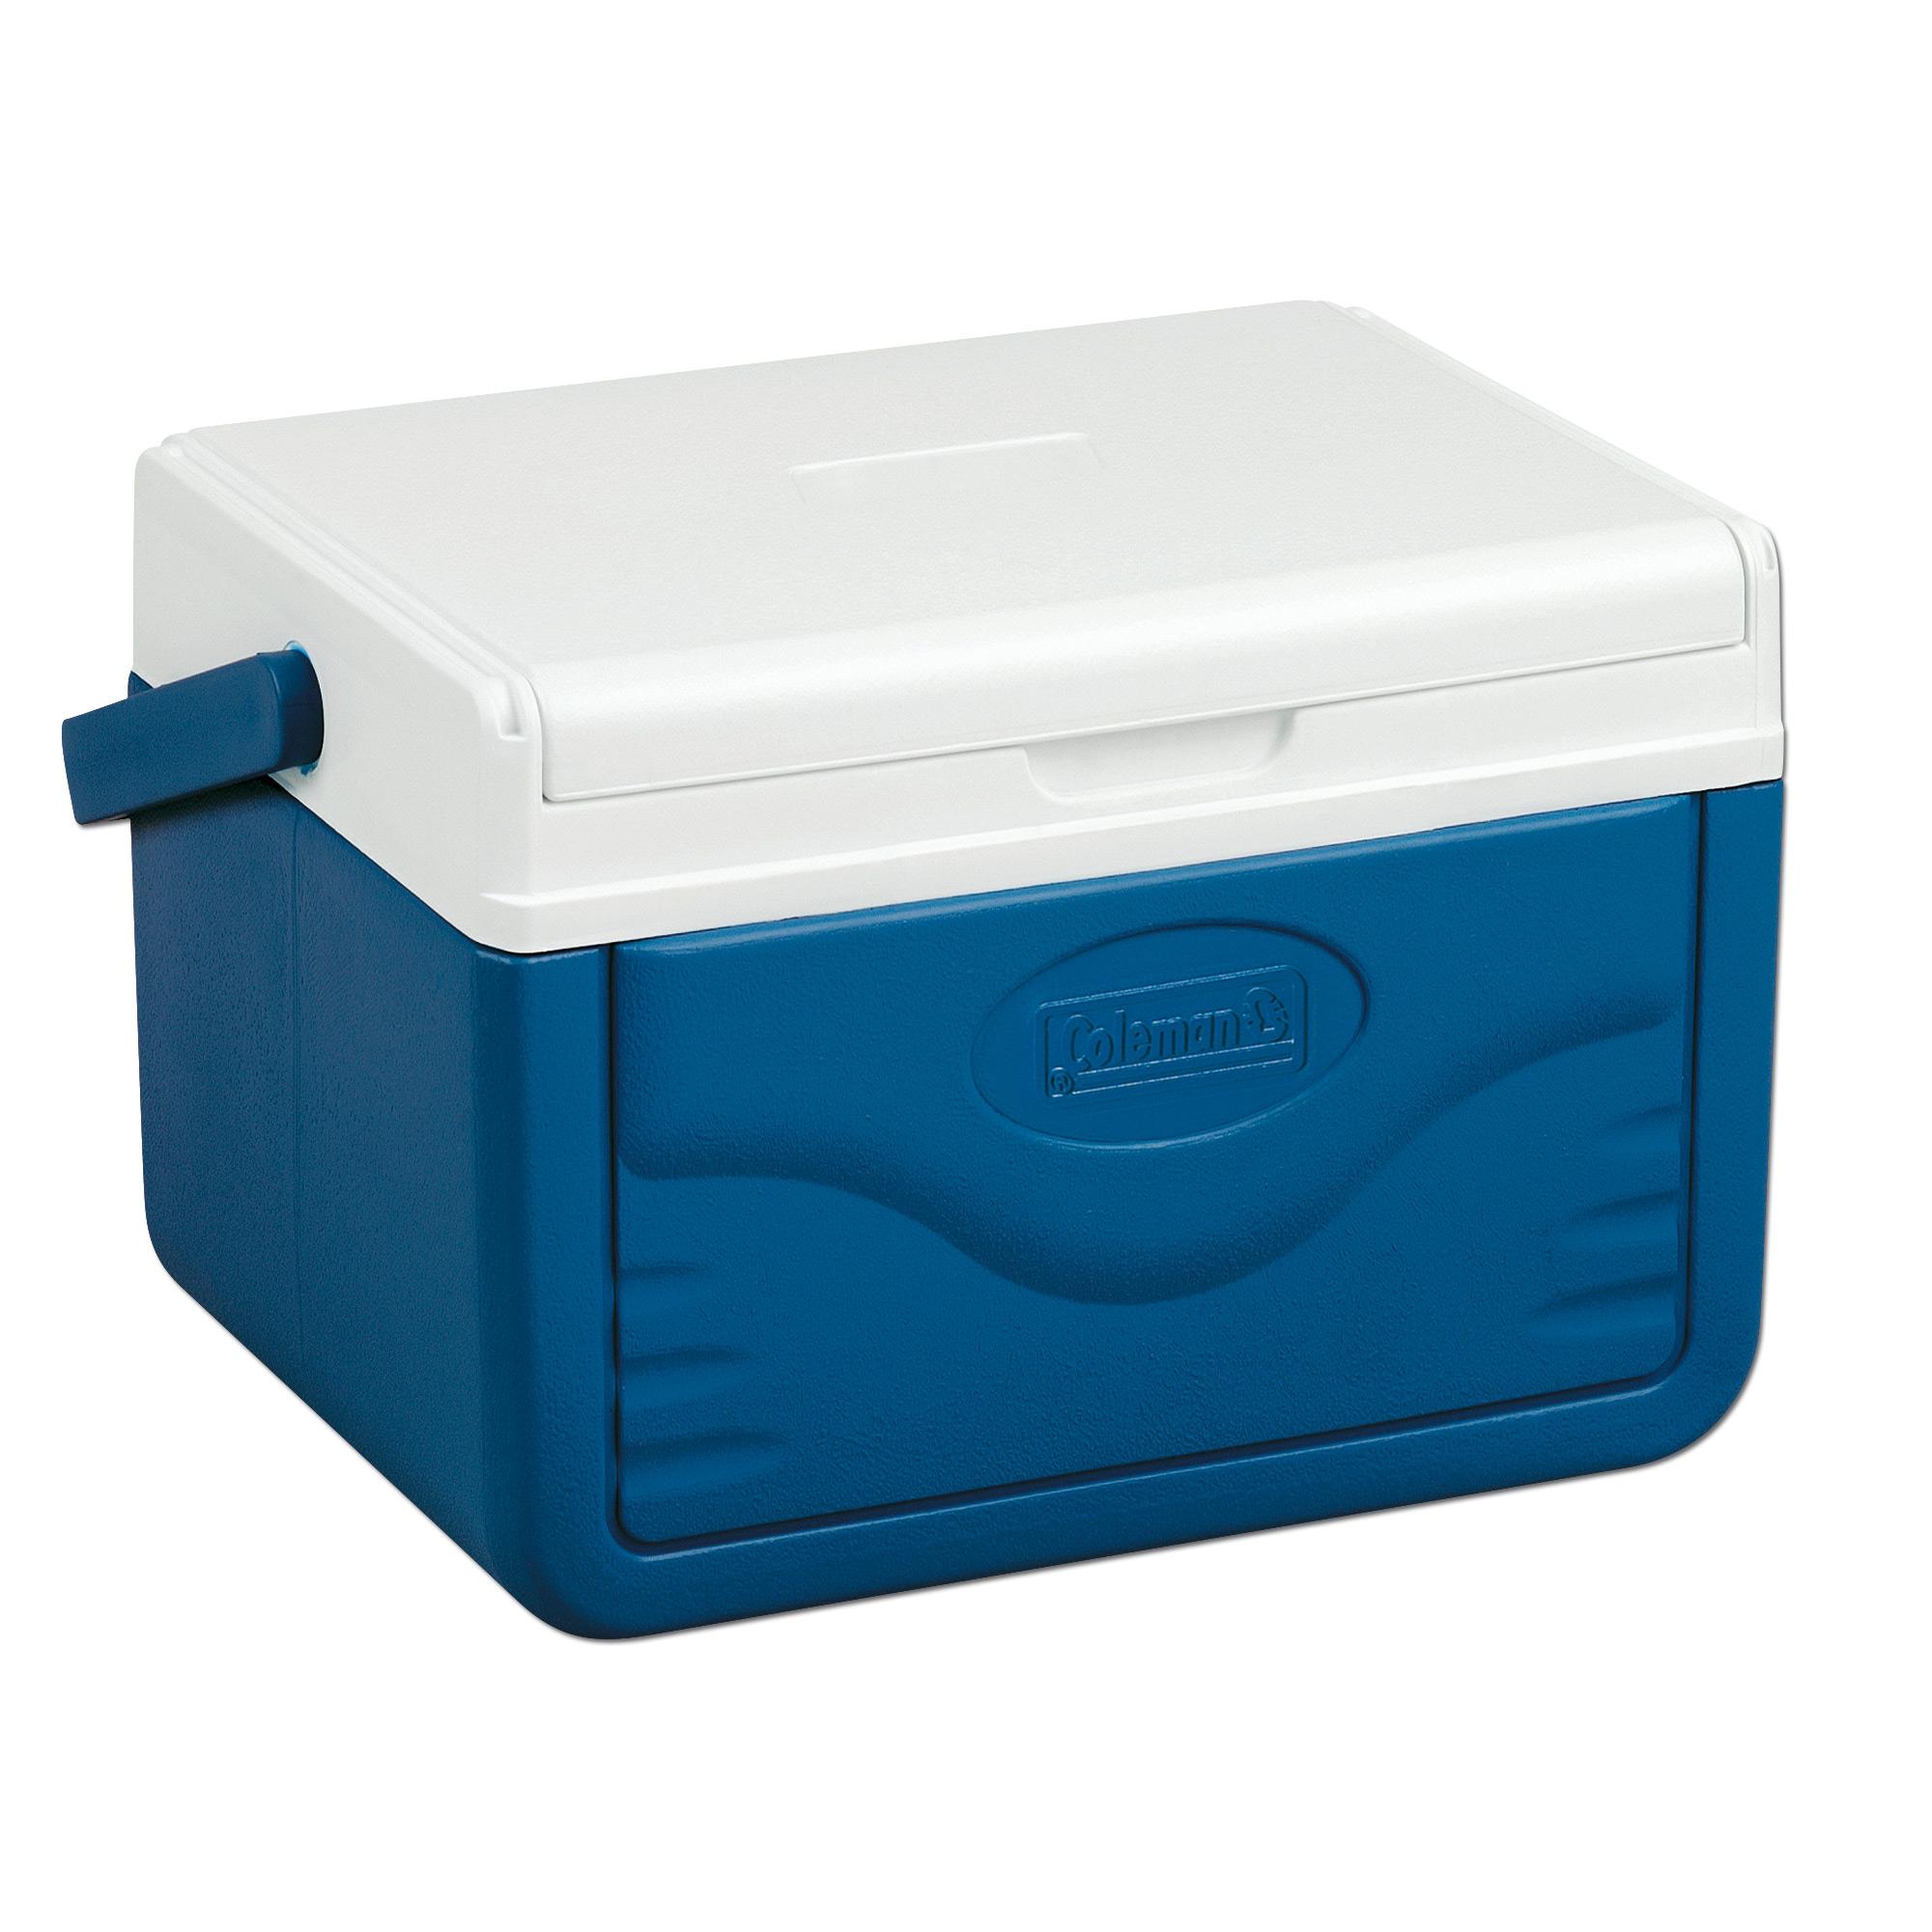 Kühlbox Coleman Fliplid 5